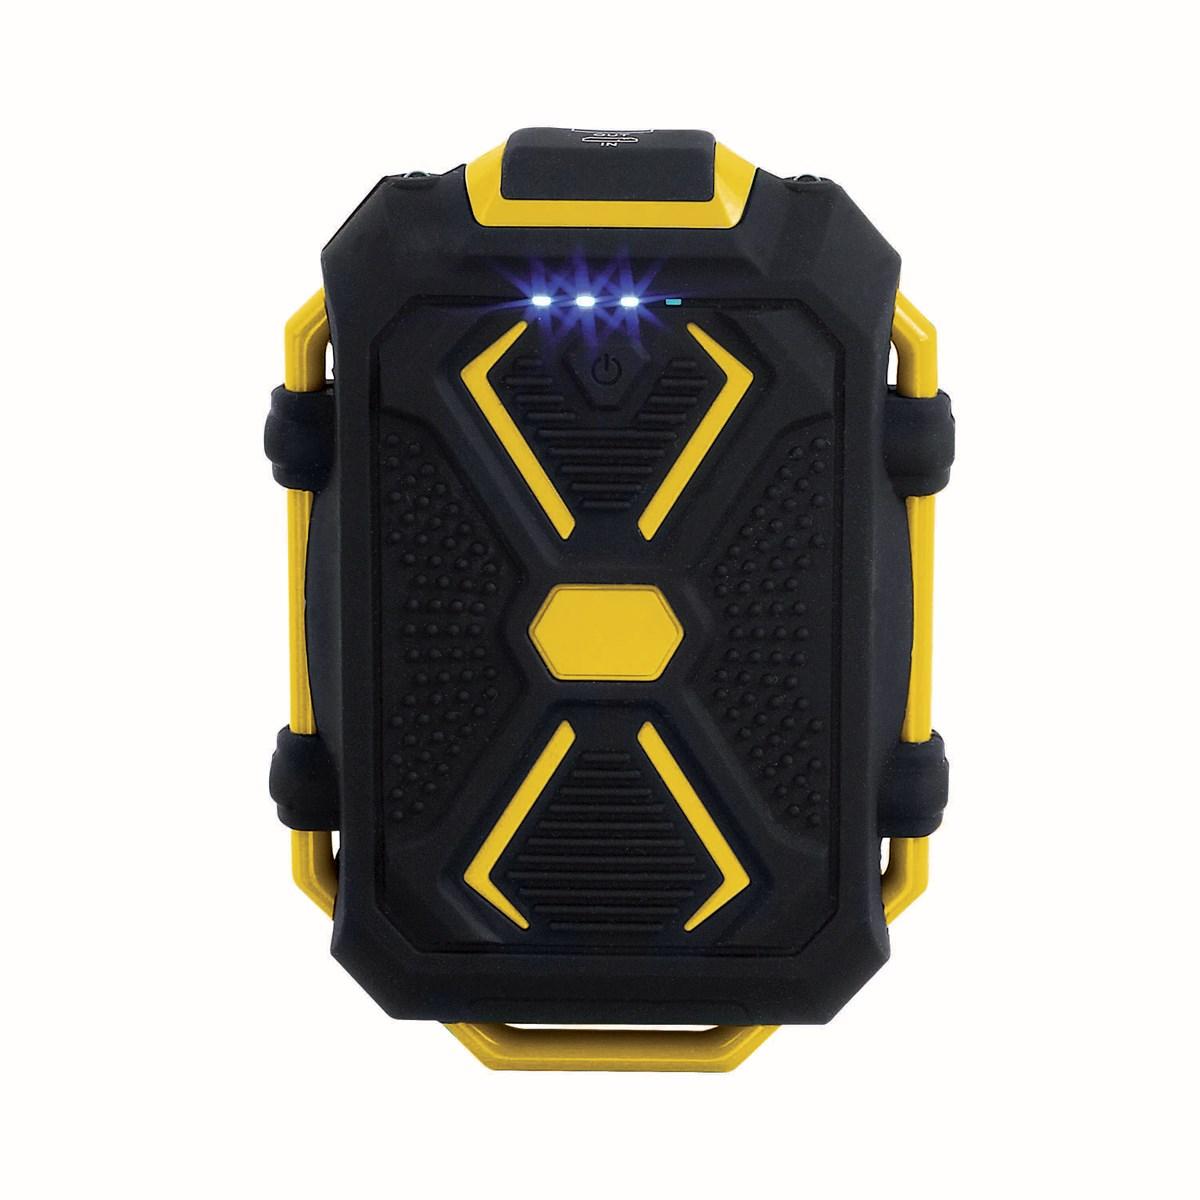 Batterie de secours anti-choc 10 000 mAh en Silicone Jaune